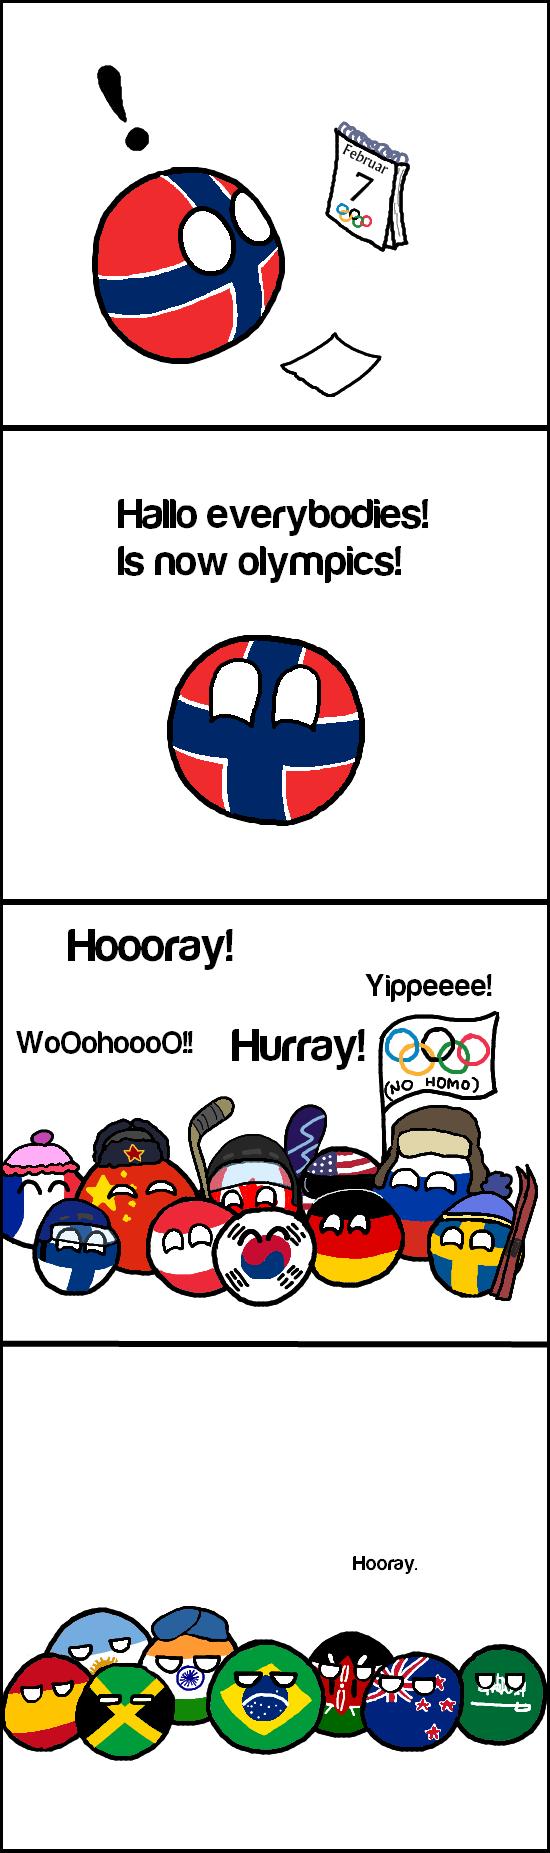 Daily Polandball: The Olympics.